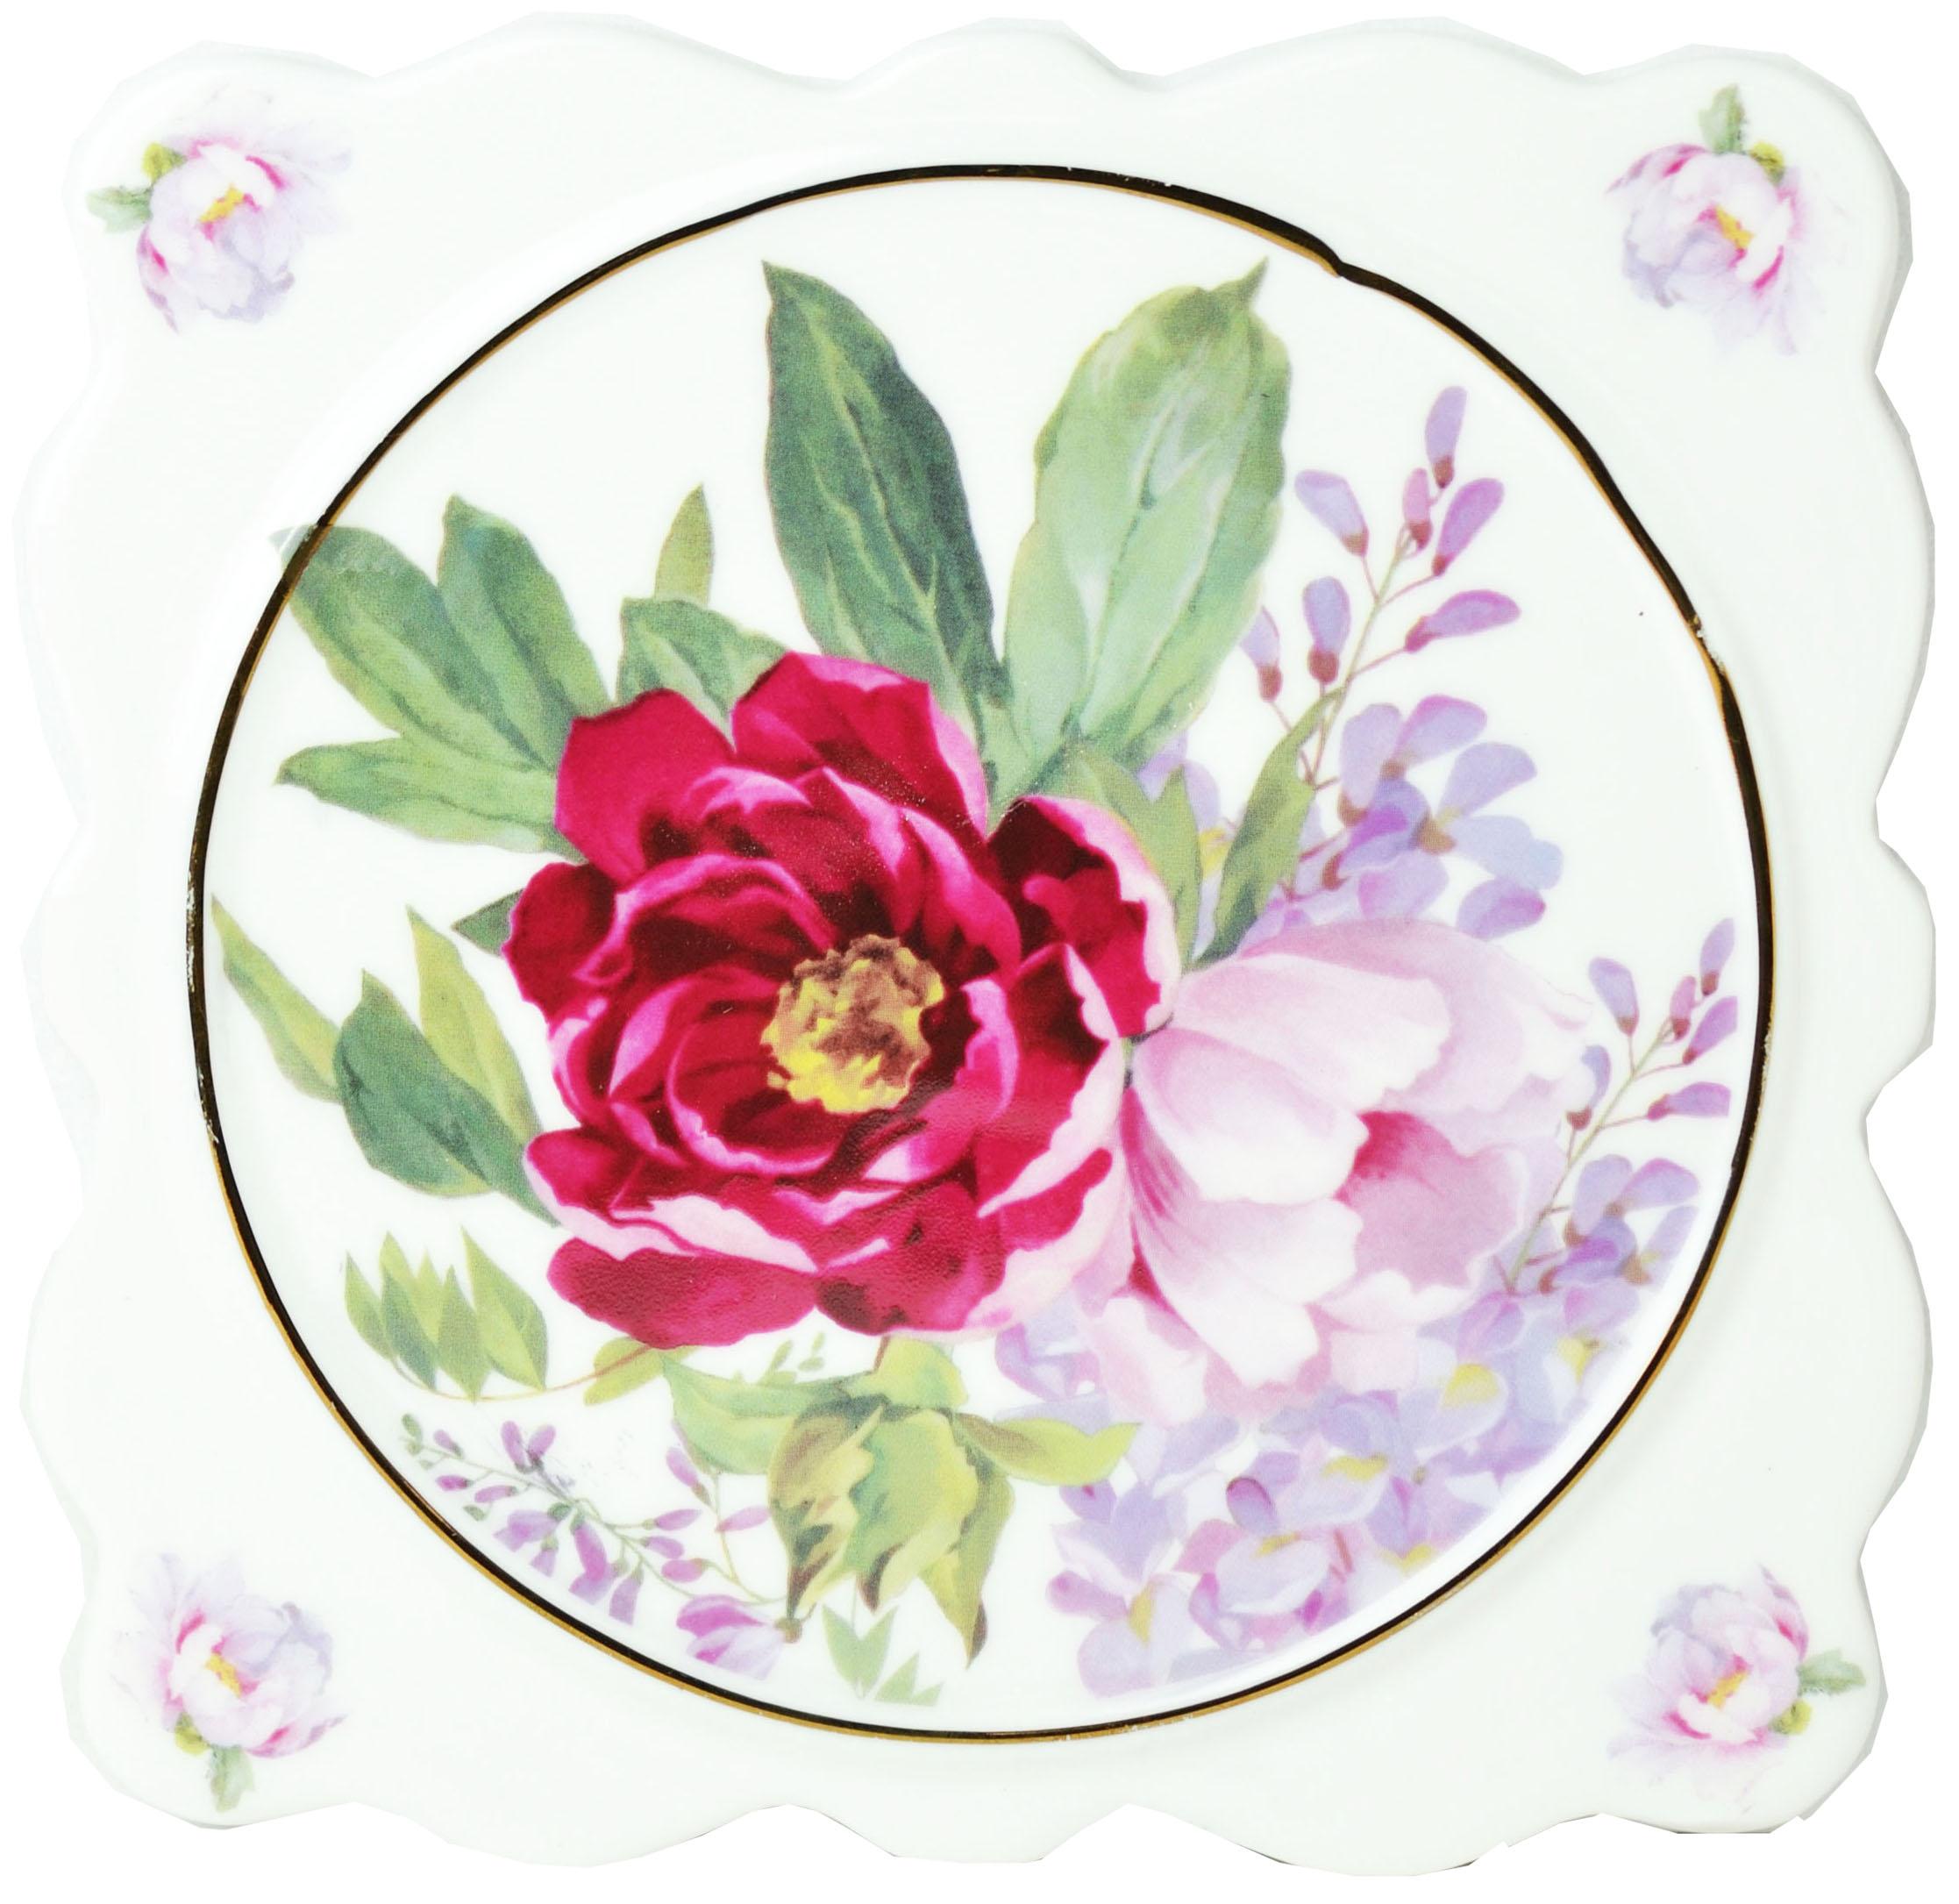 【ロイヤルアーデン】 パンマット <br>No.37477